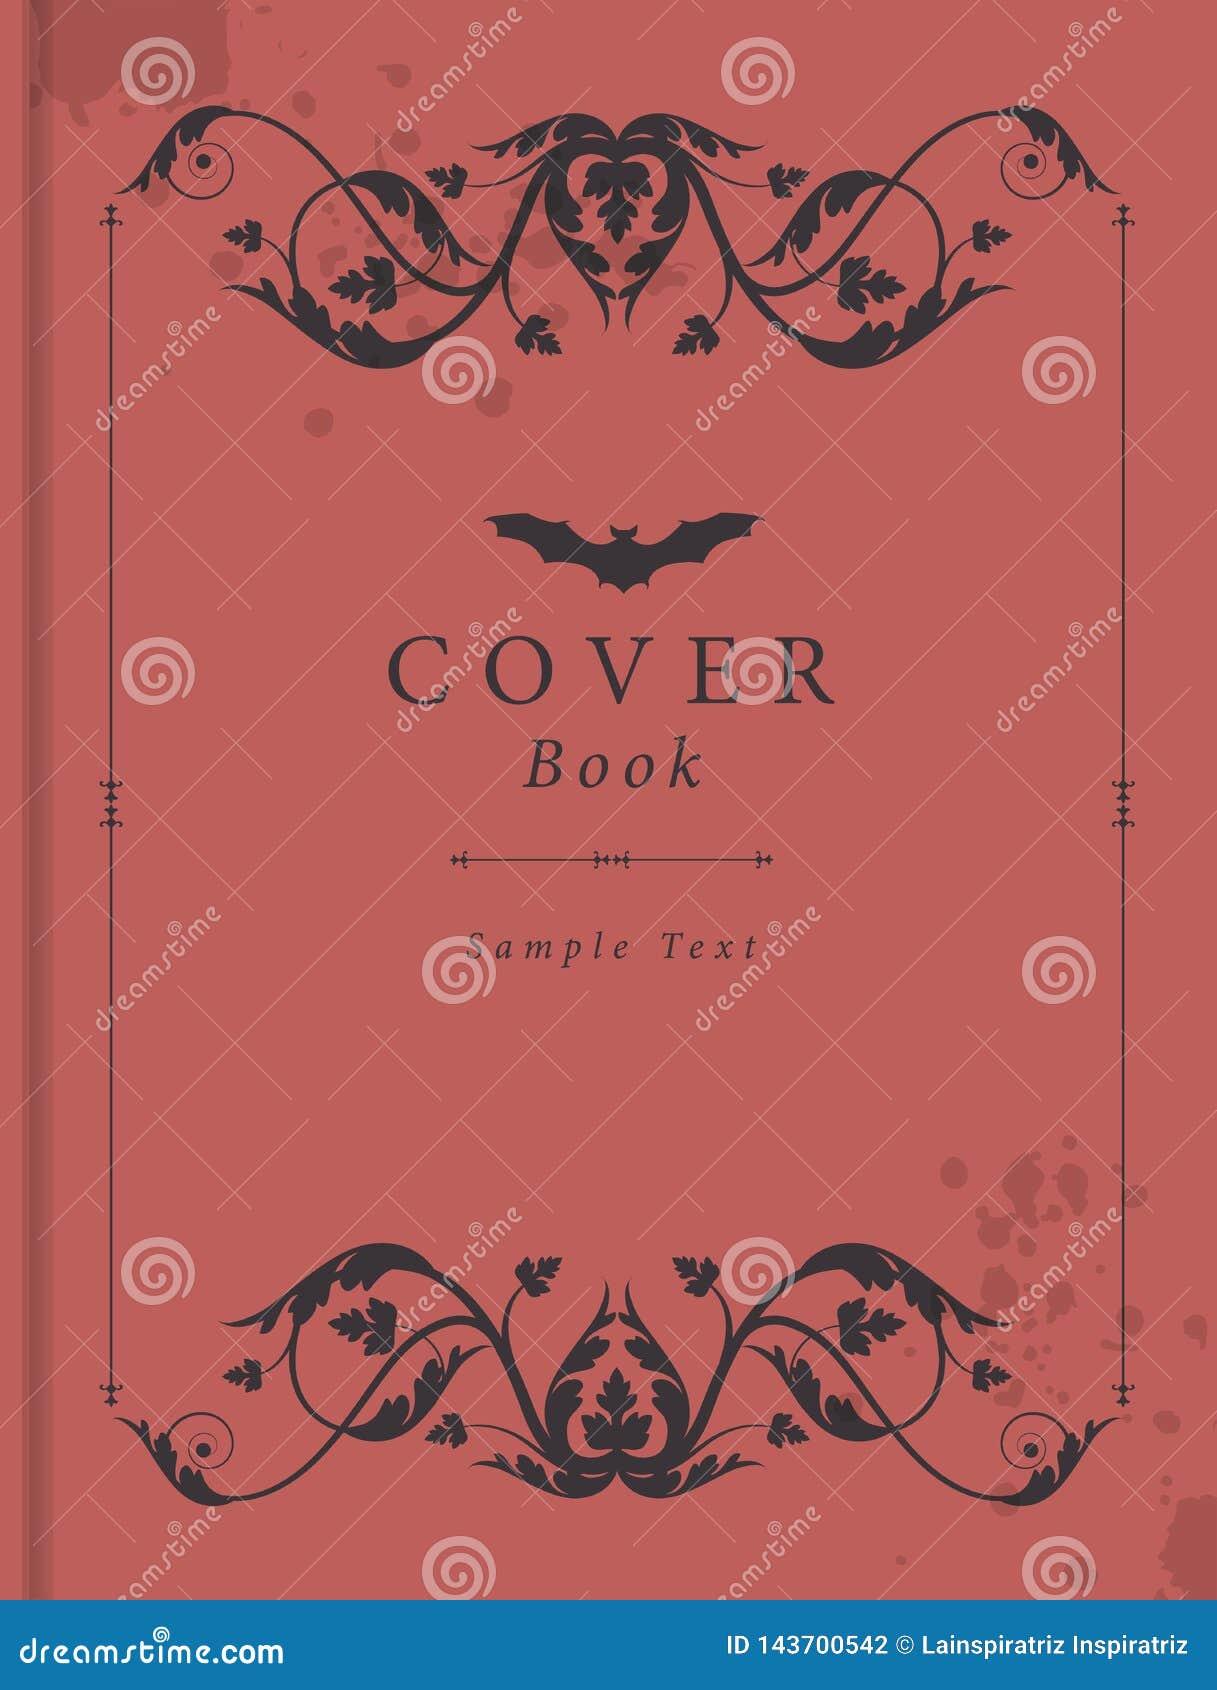 Обложка книги с рамкой античного стиля орнаментальной, пятнами влаги и бить палкой значок над текстом образца